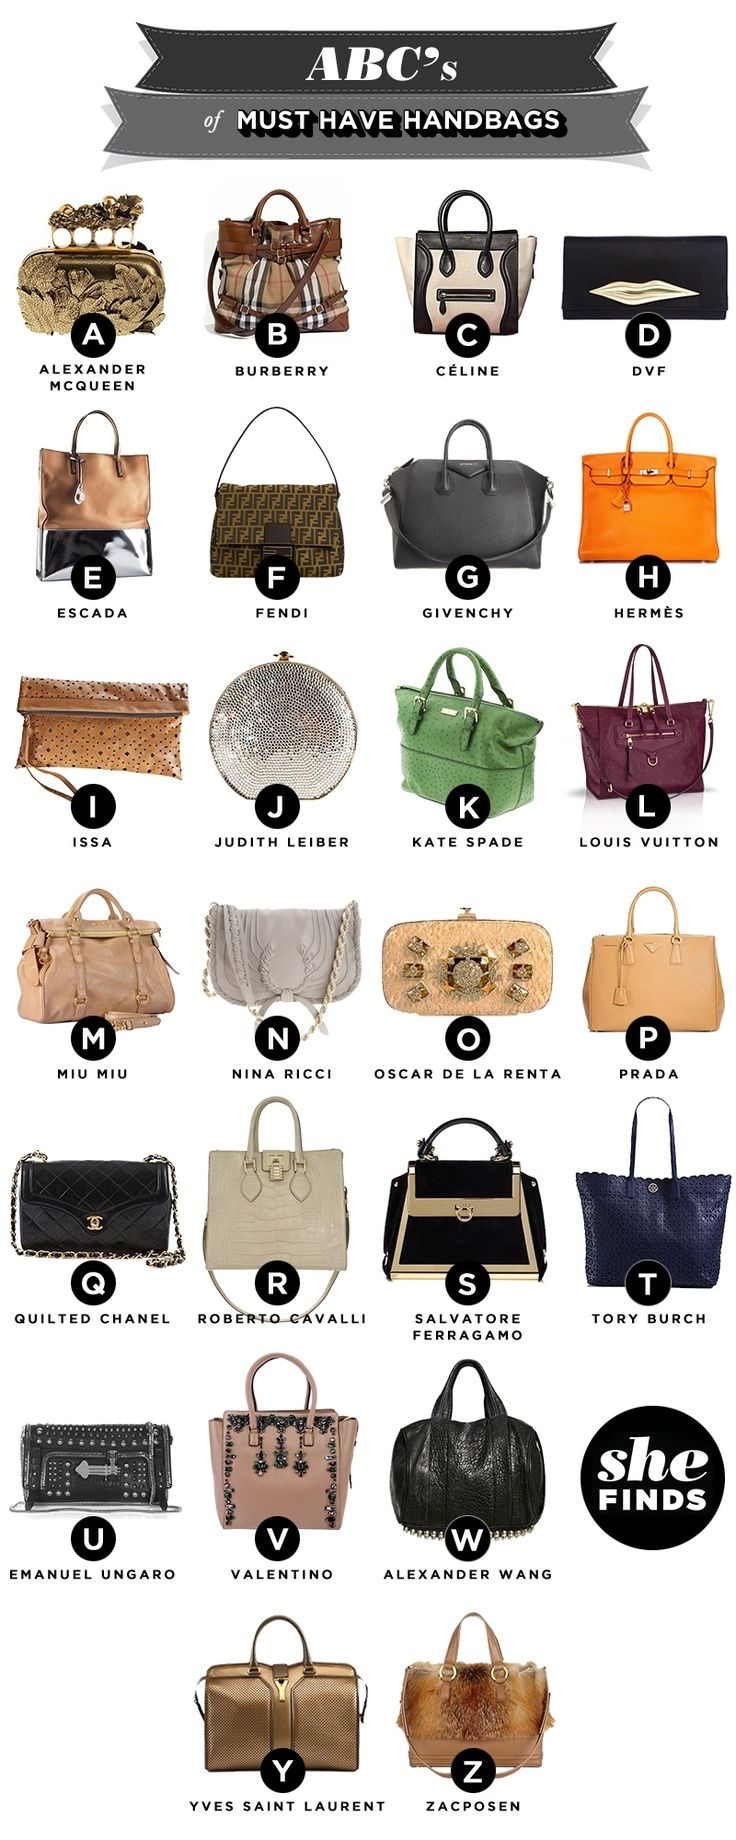 List of Top 10 Expensive Handbag Brands in World - Inkcloth  Handbag Brands List